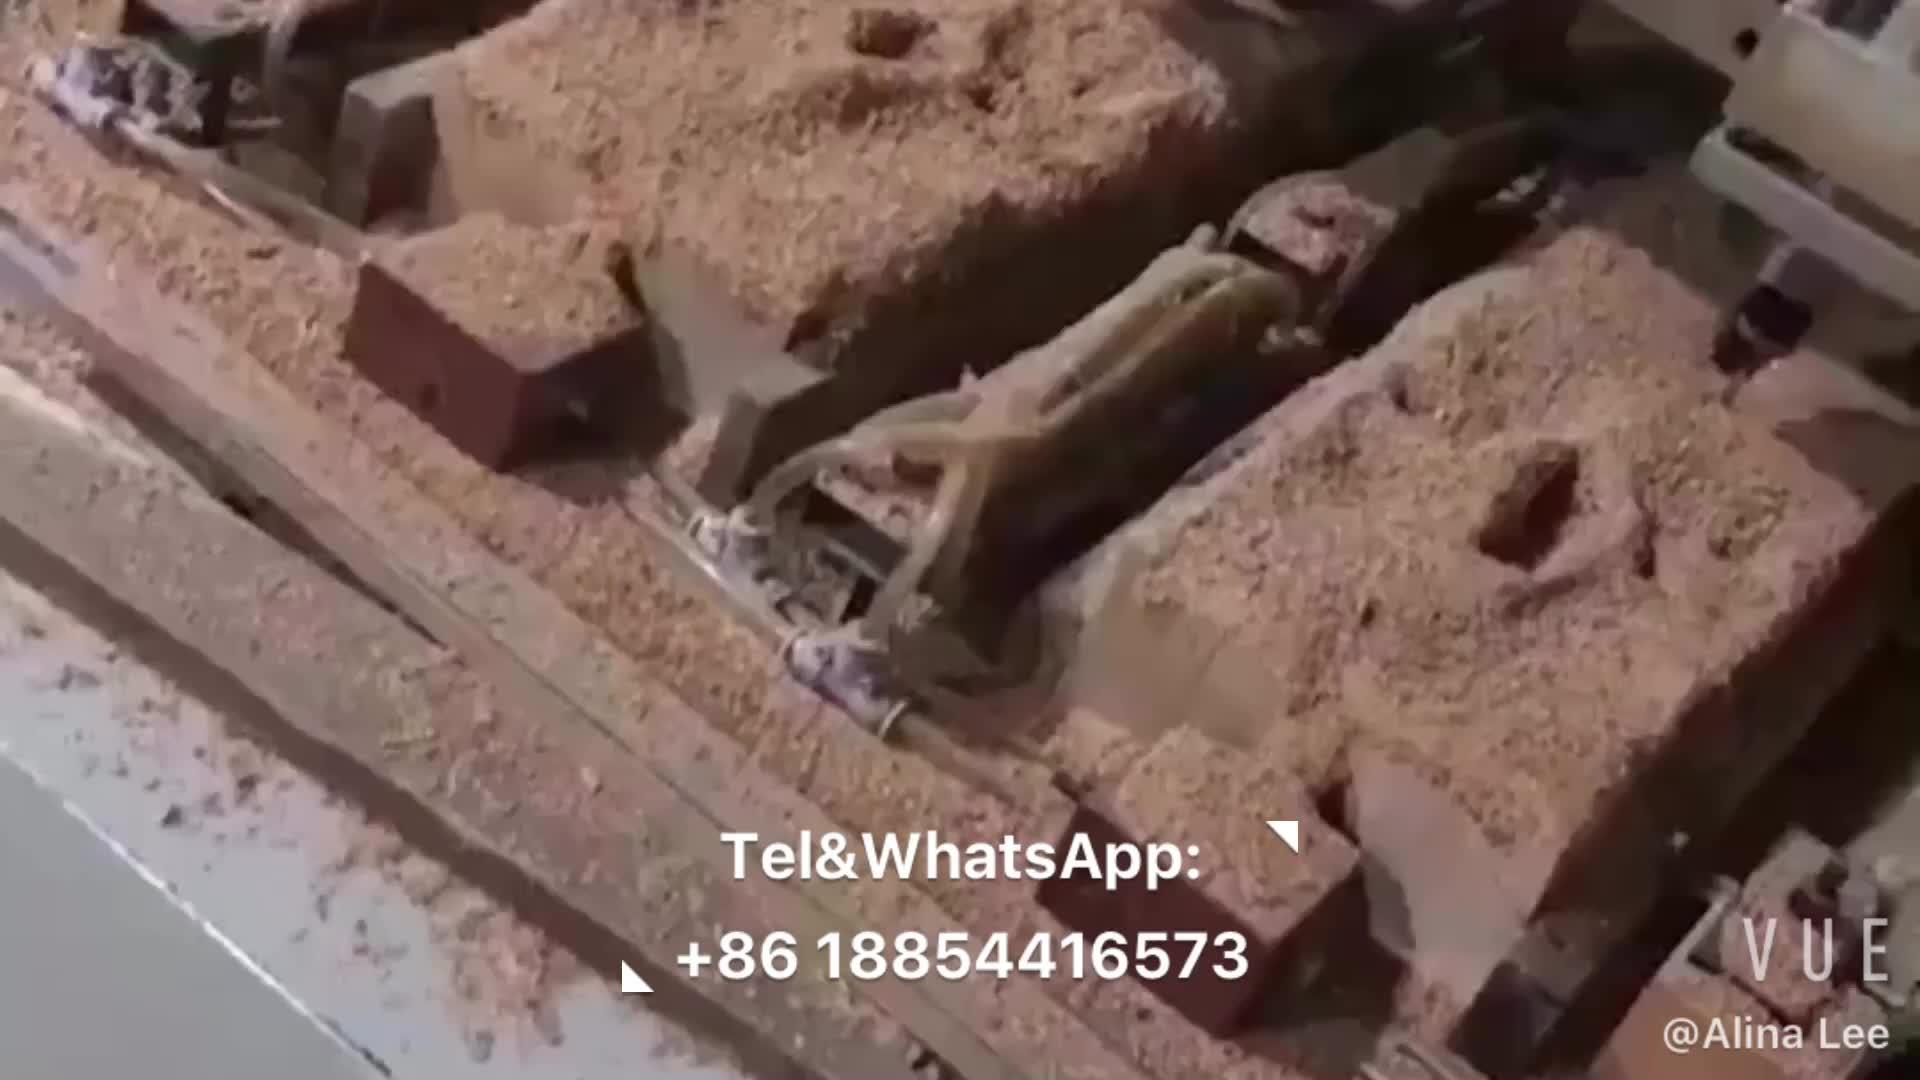 Atacado Mobília Clássica Esculpida Antigo Sofá De Madeira Pernas De Mesa